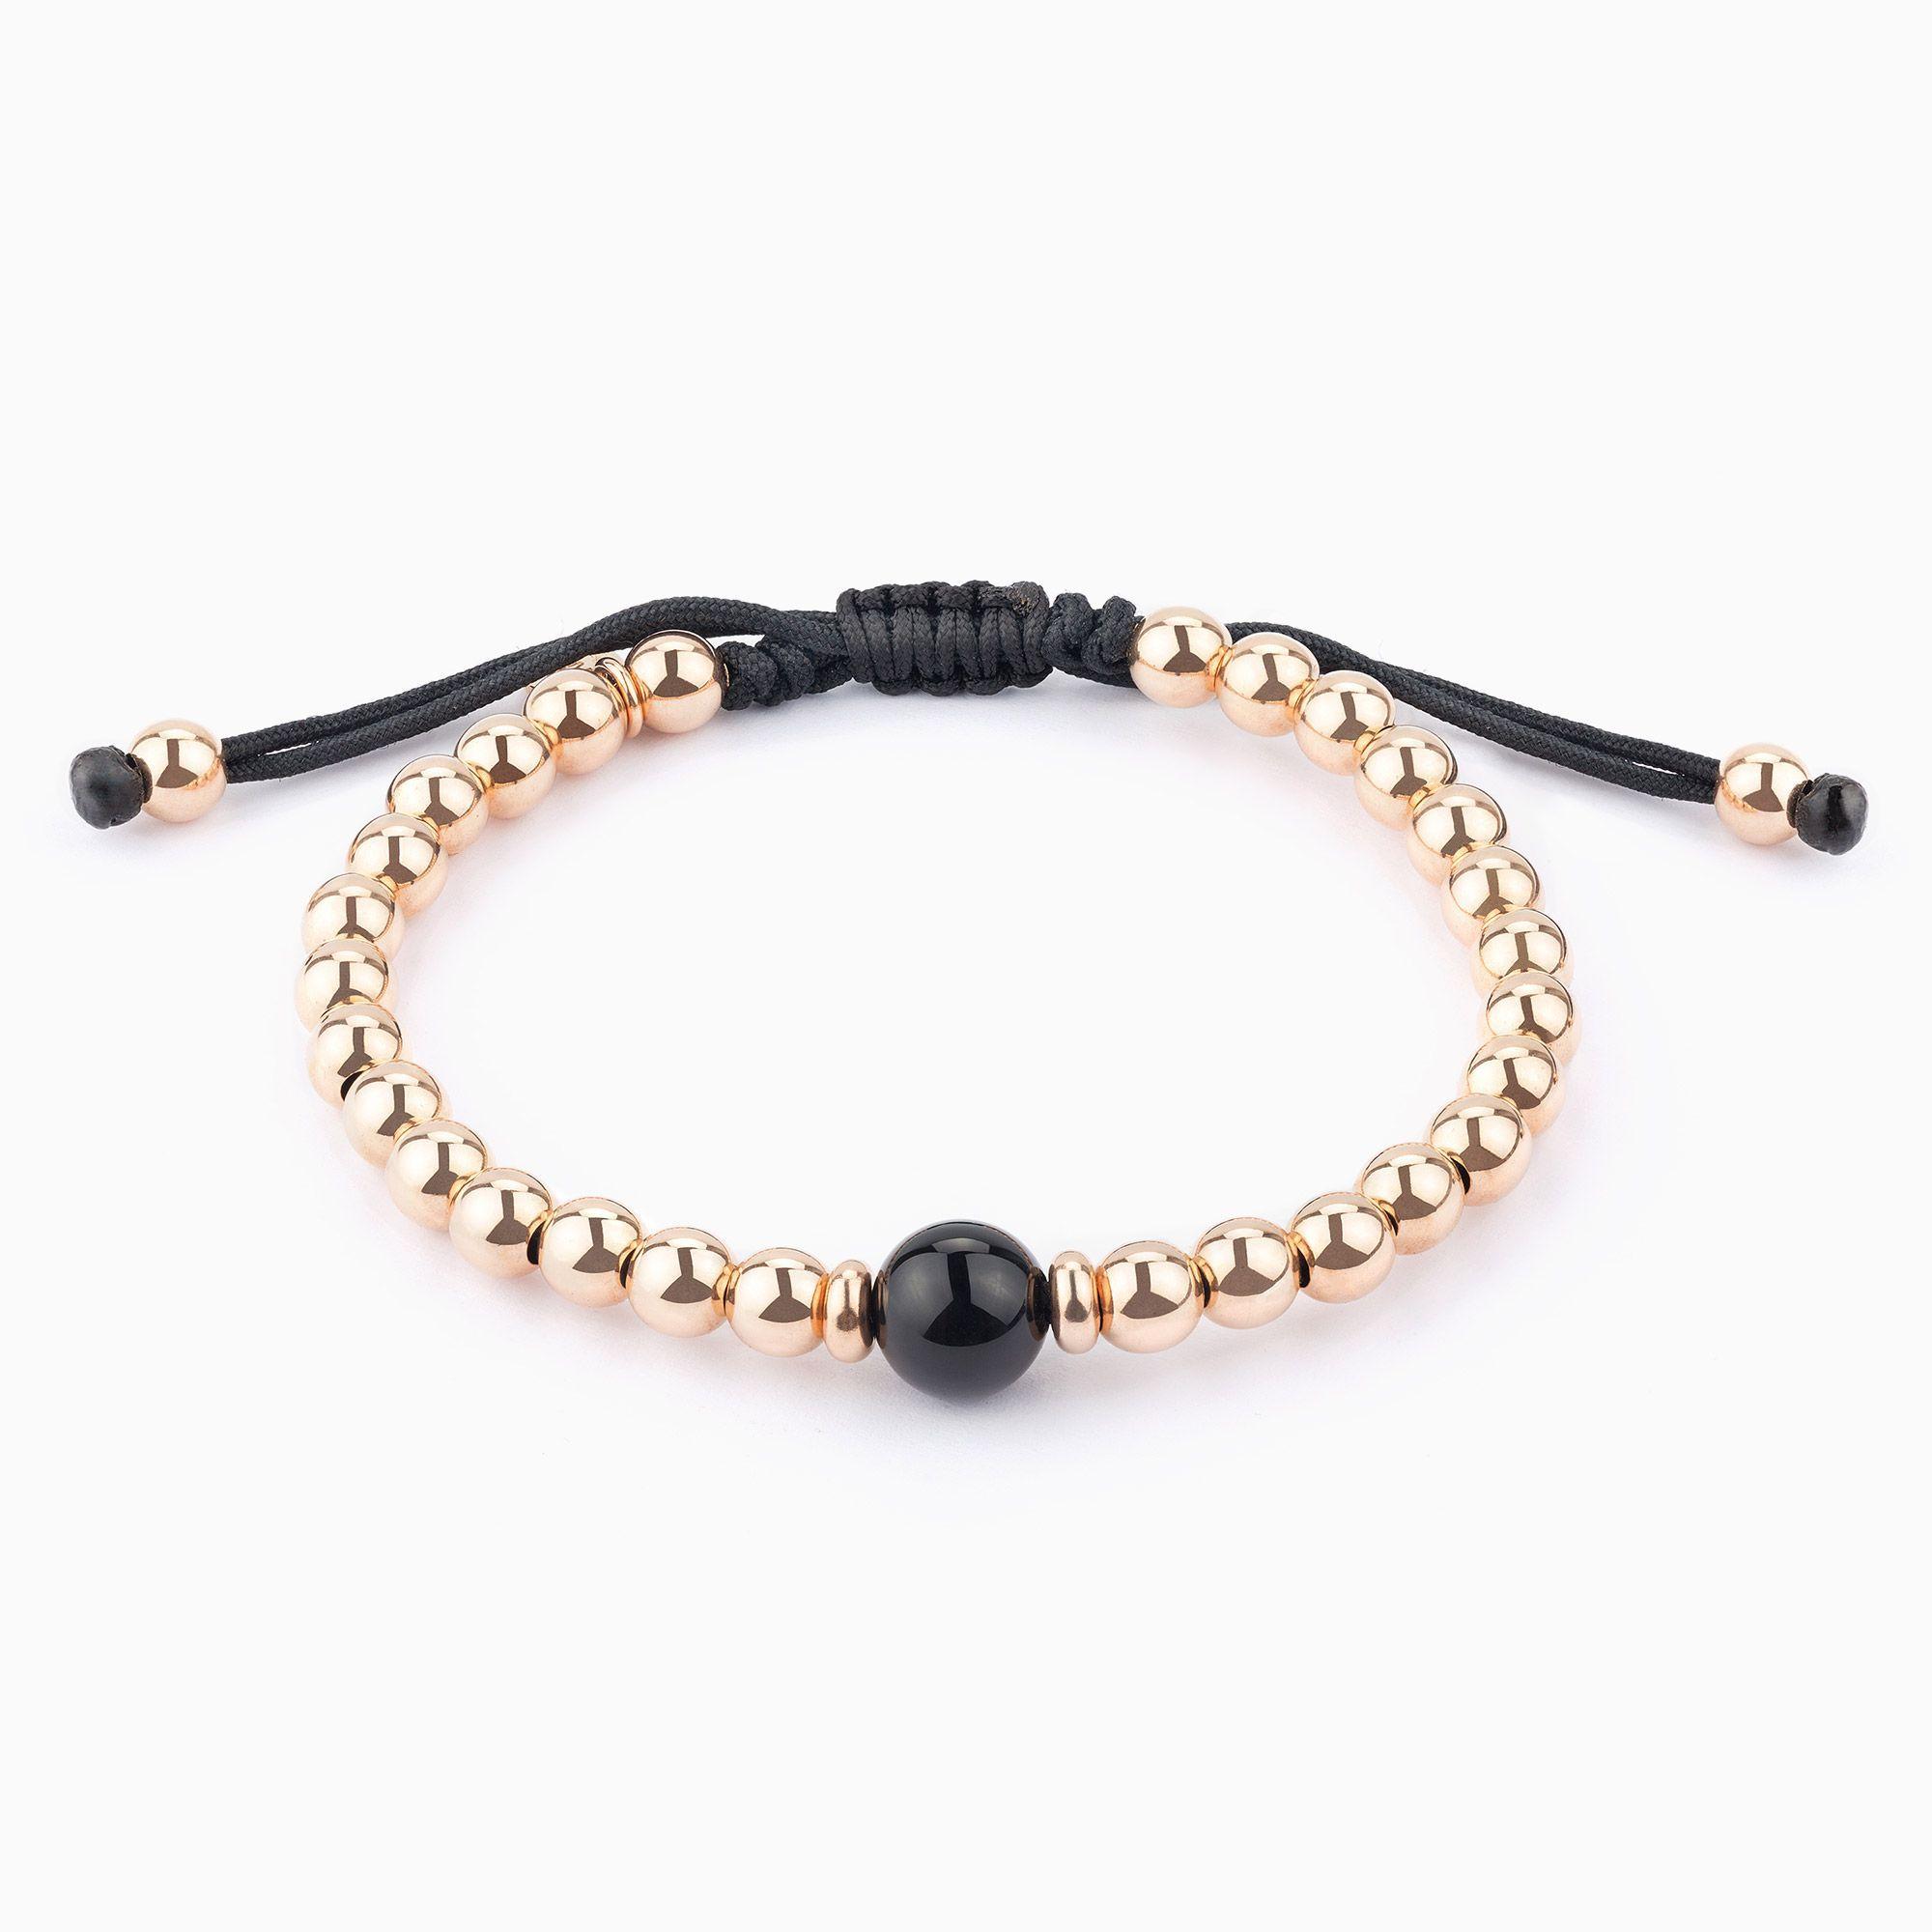 ffe177fc5c5b Pulsera de hilo con perlas de oro y Onix - Joyas | bisutería ...